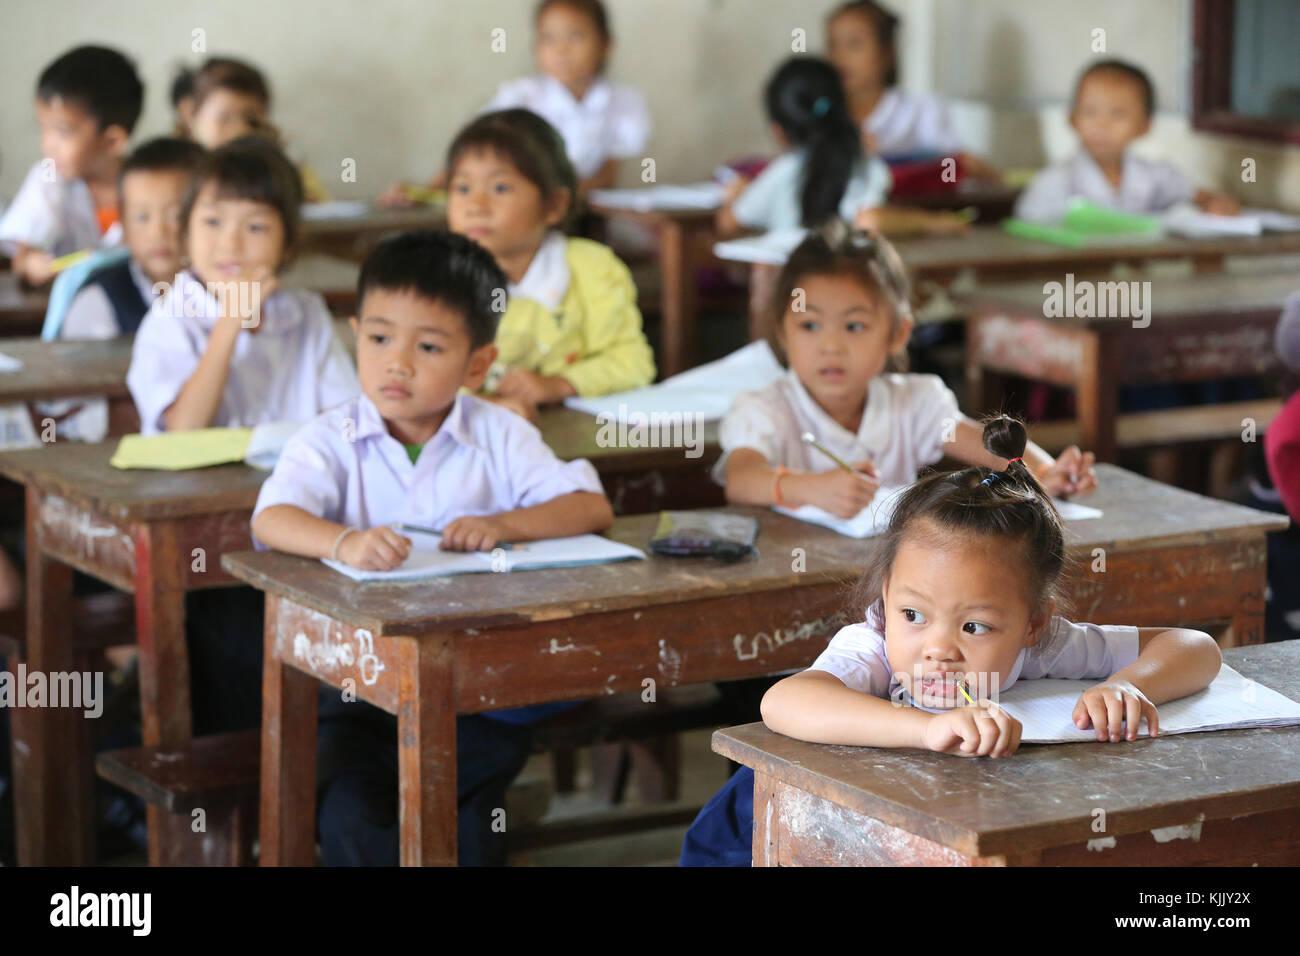 Elementary school.  Schoolchildren in classroom.  Laos. - Stock Image